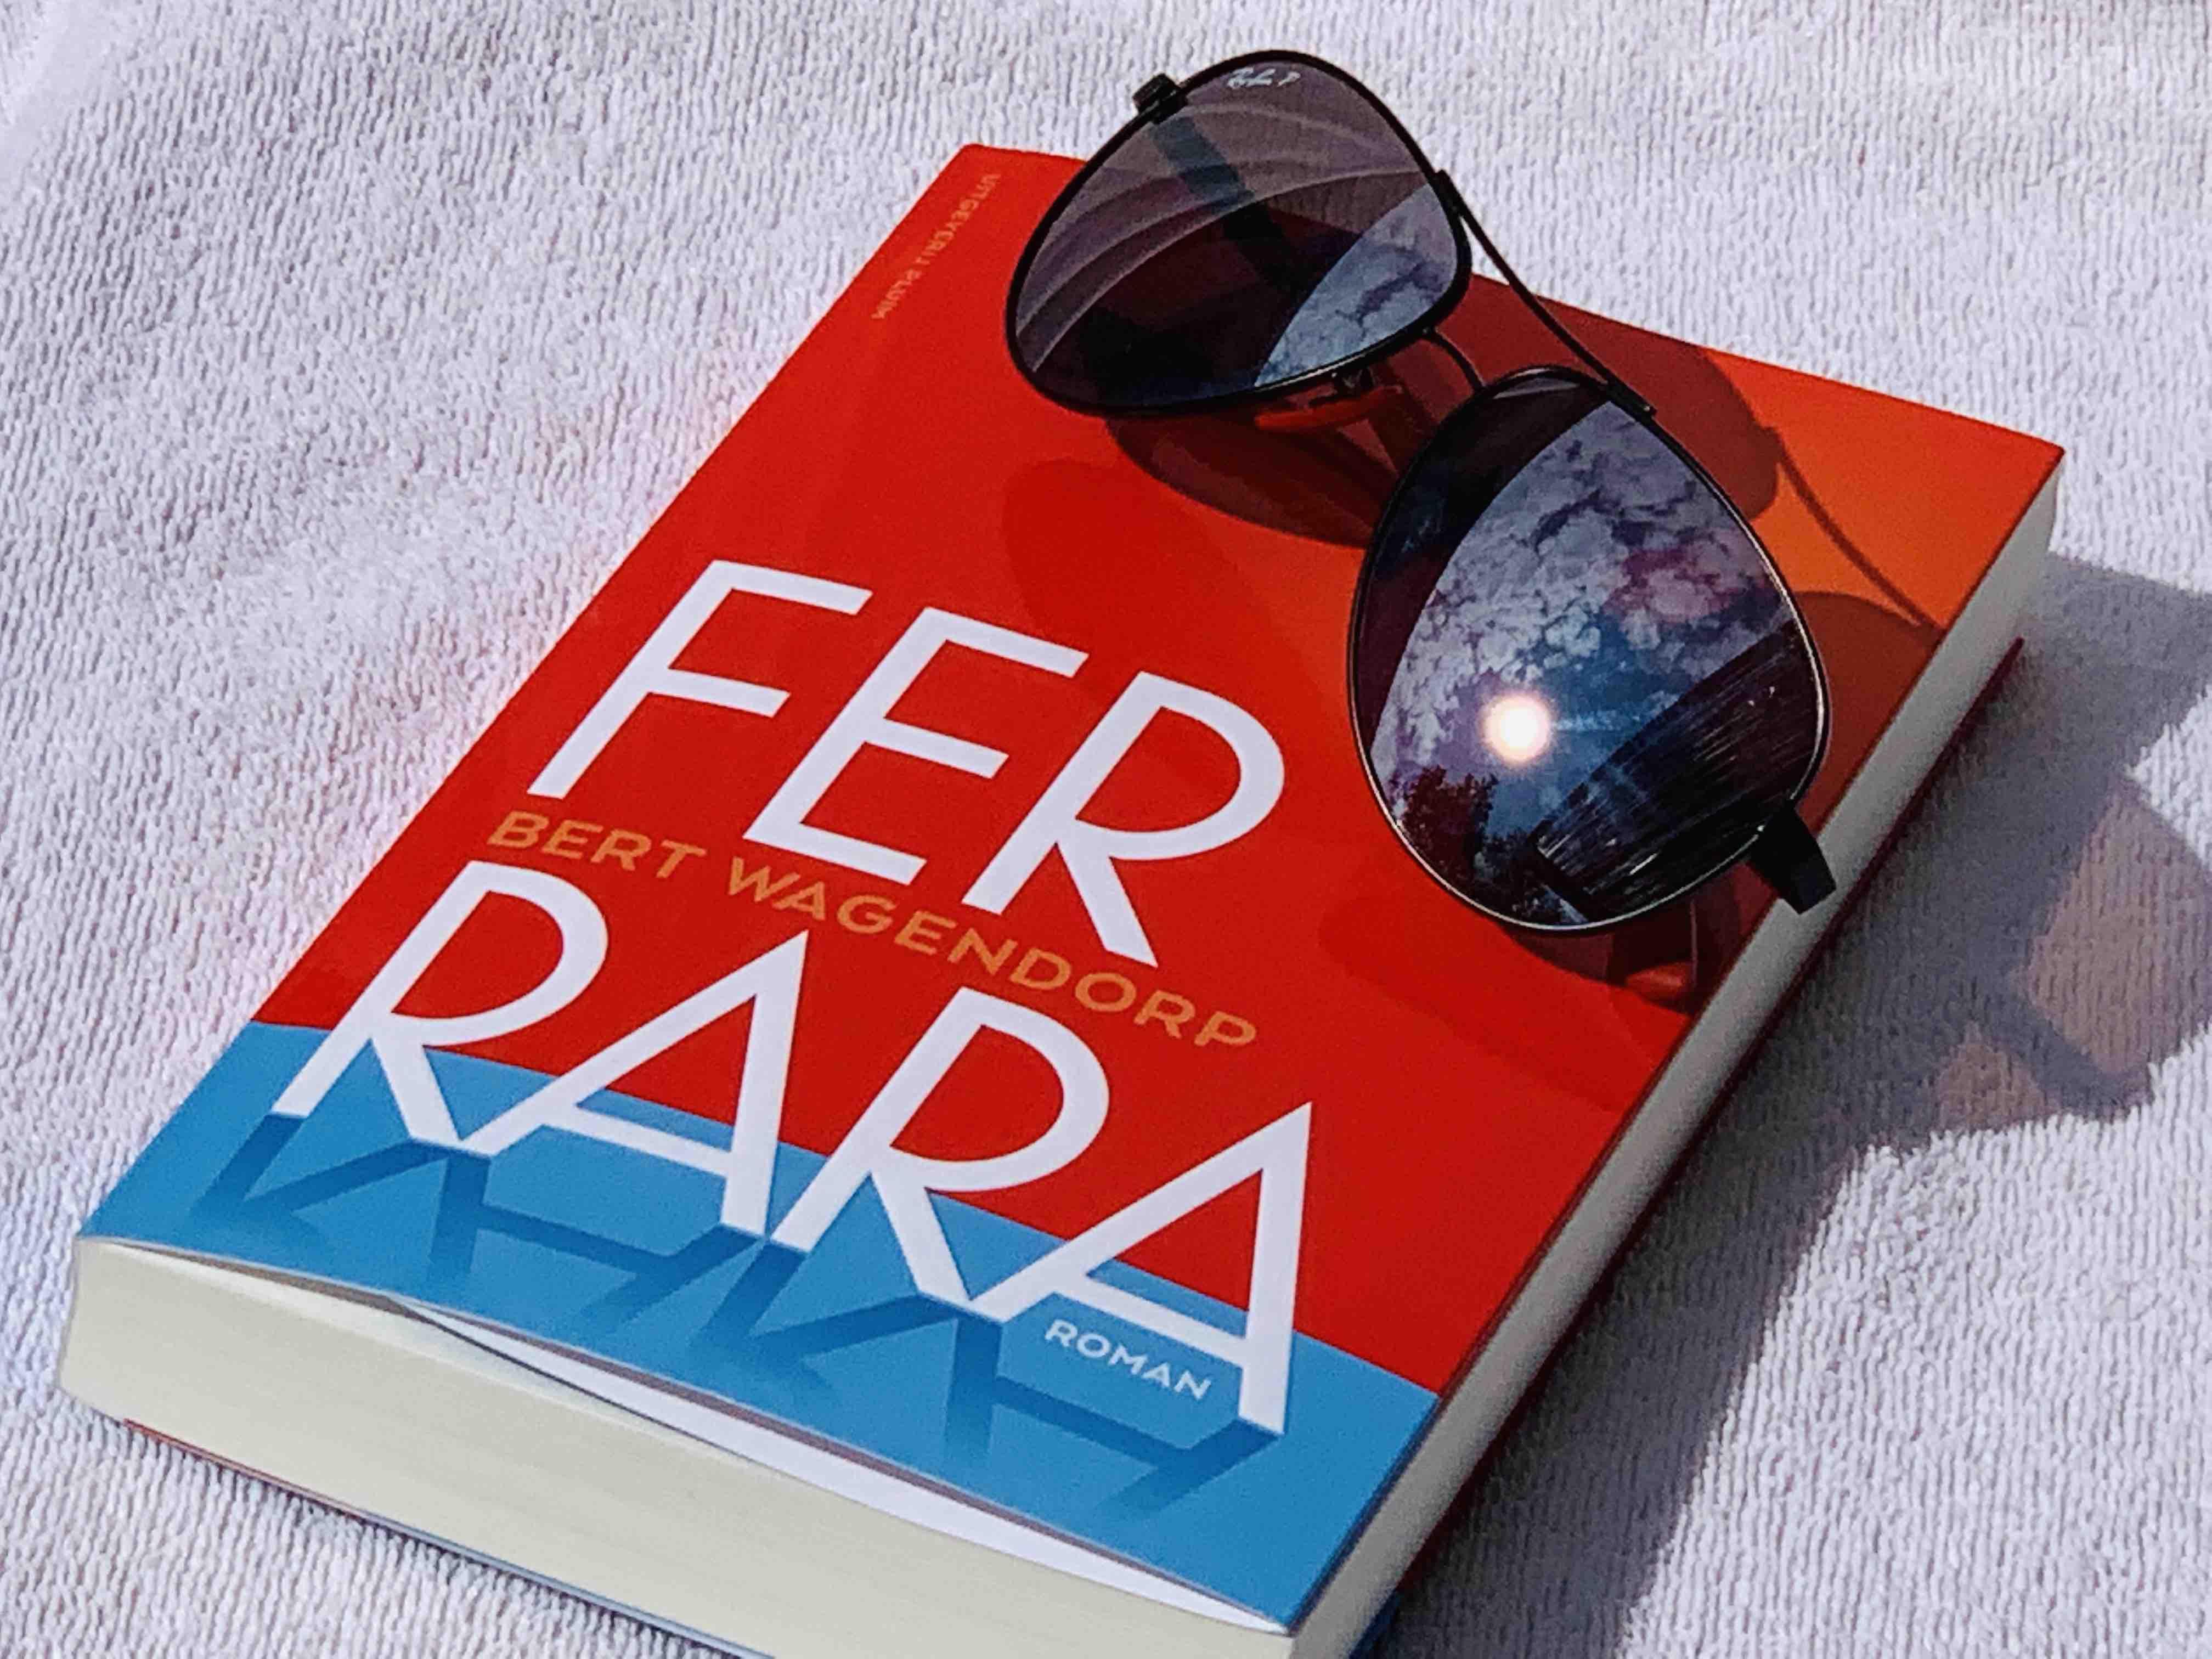 Ferrara boek